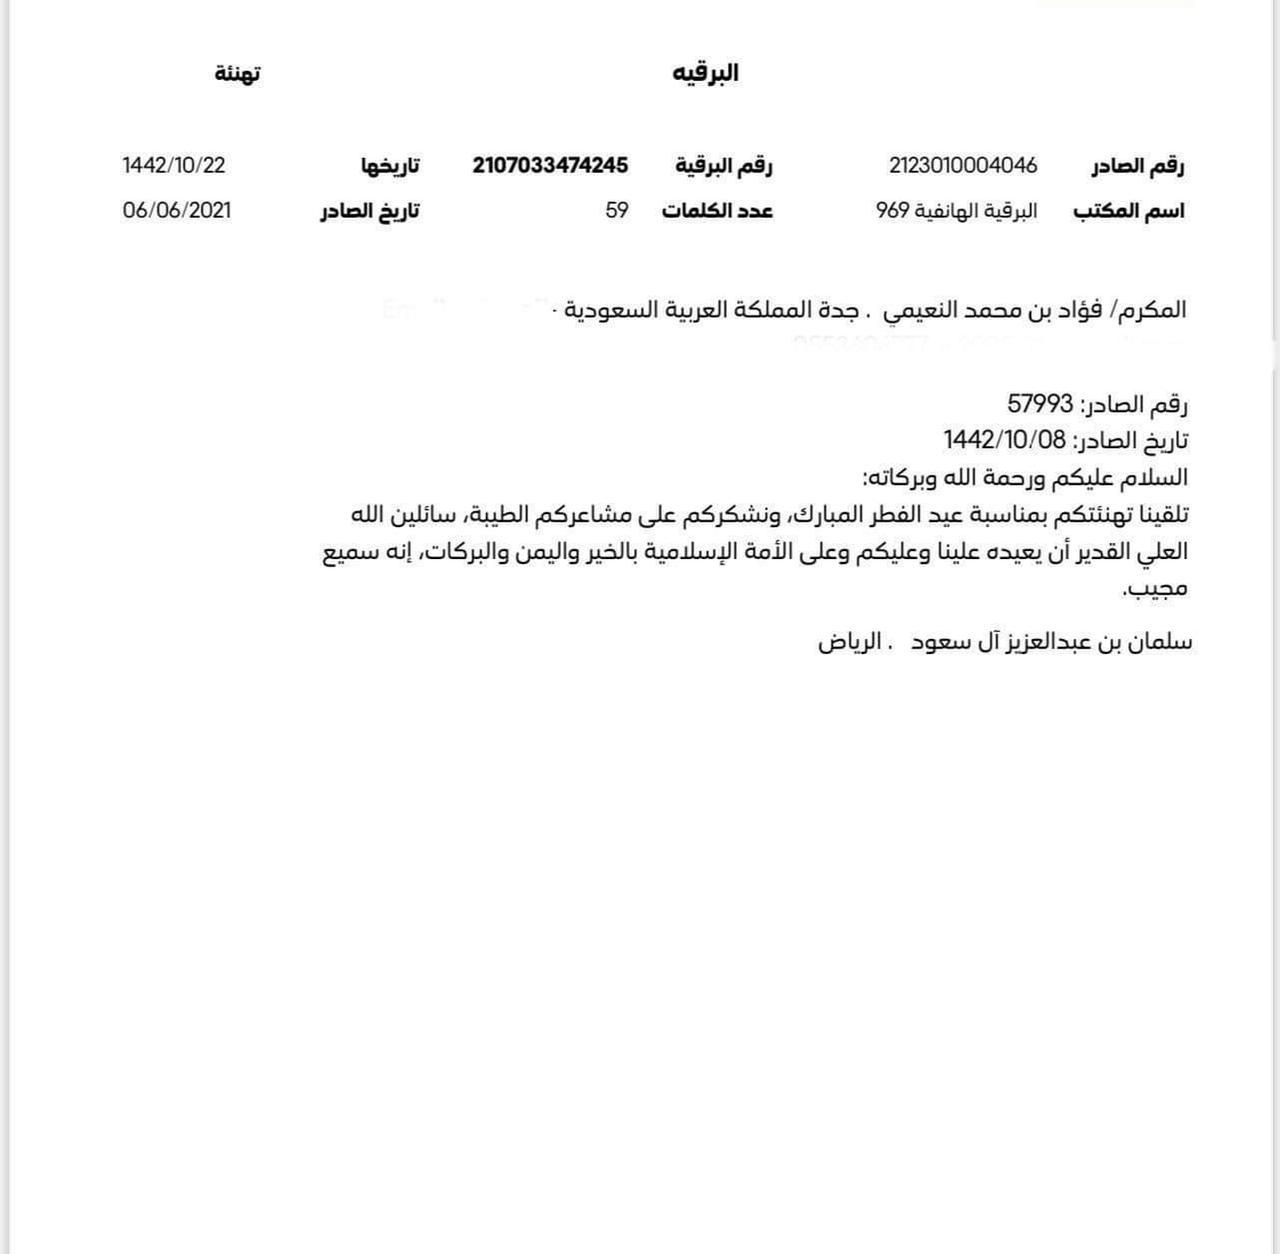 16339137 ac59 491e 923b e6d7f68a9963 - وكالة عكاظ الاخبارية